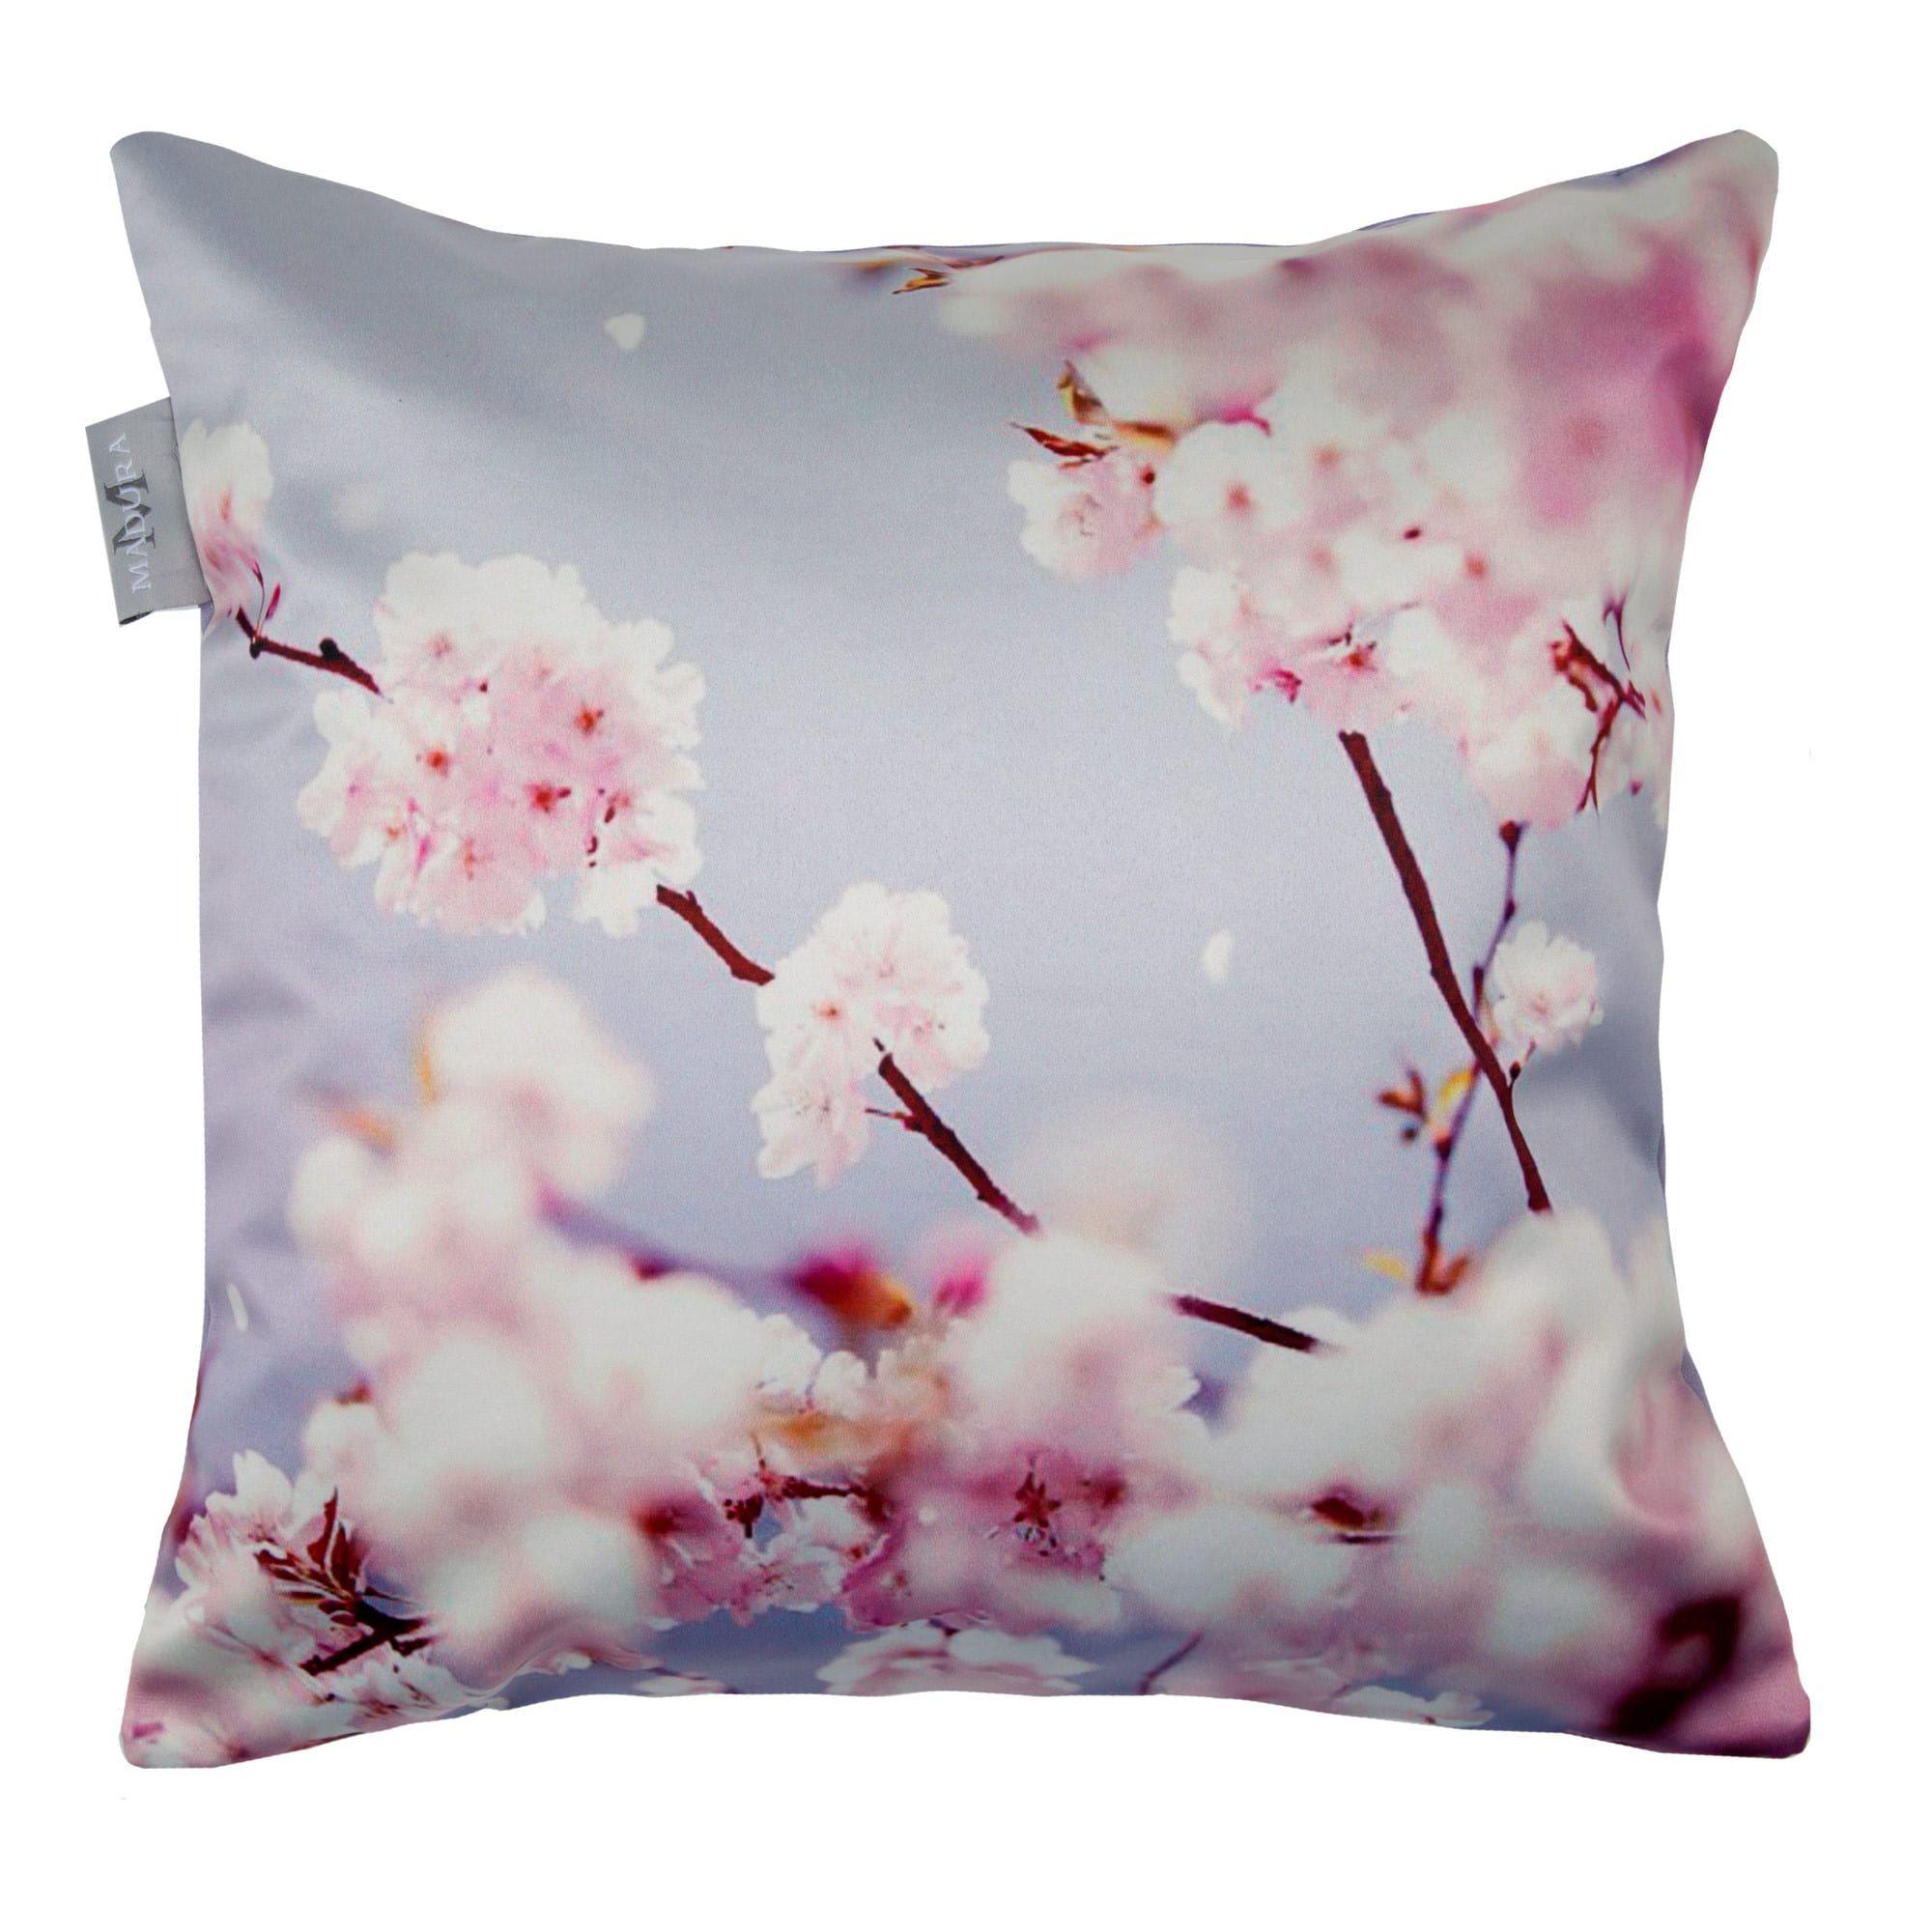 coussin cherry Enveloppe de coussin Cherry blossom violet | Decoration coussin cherry